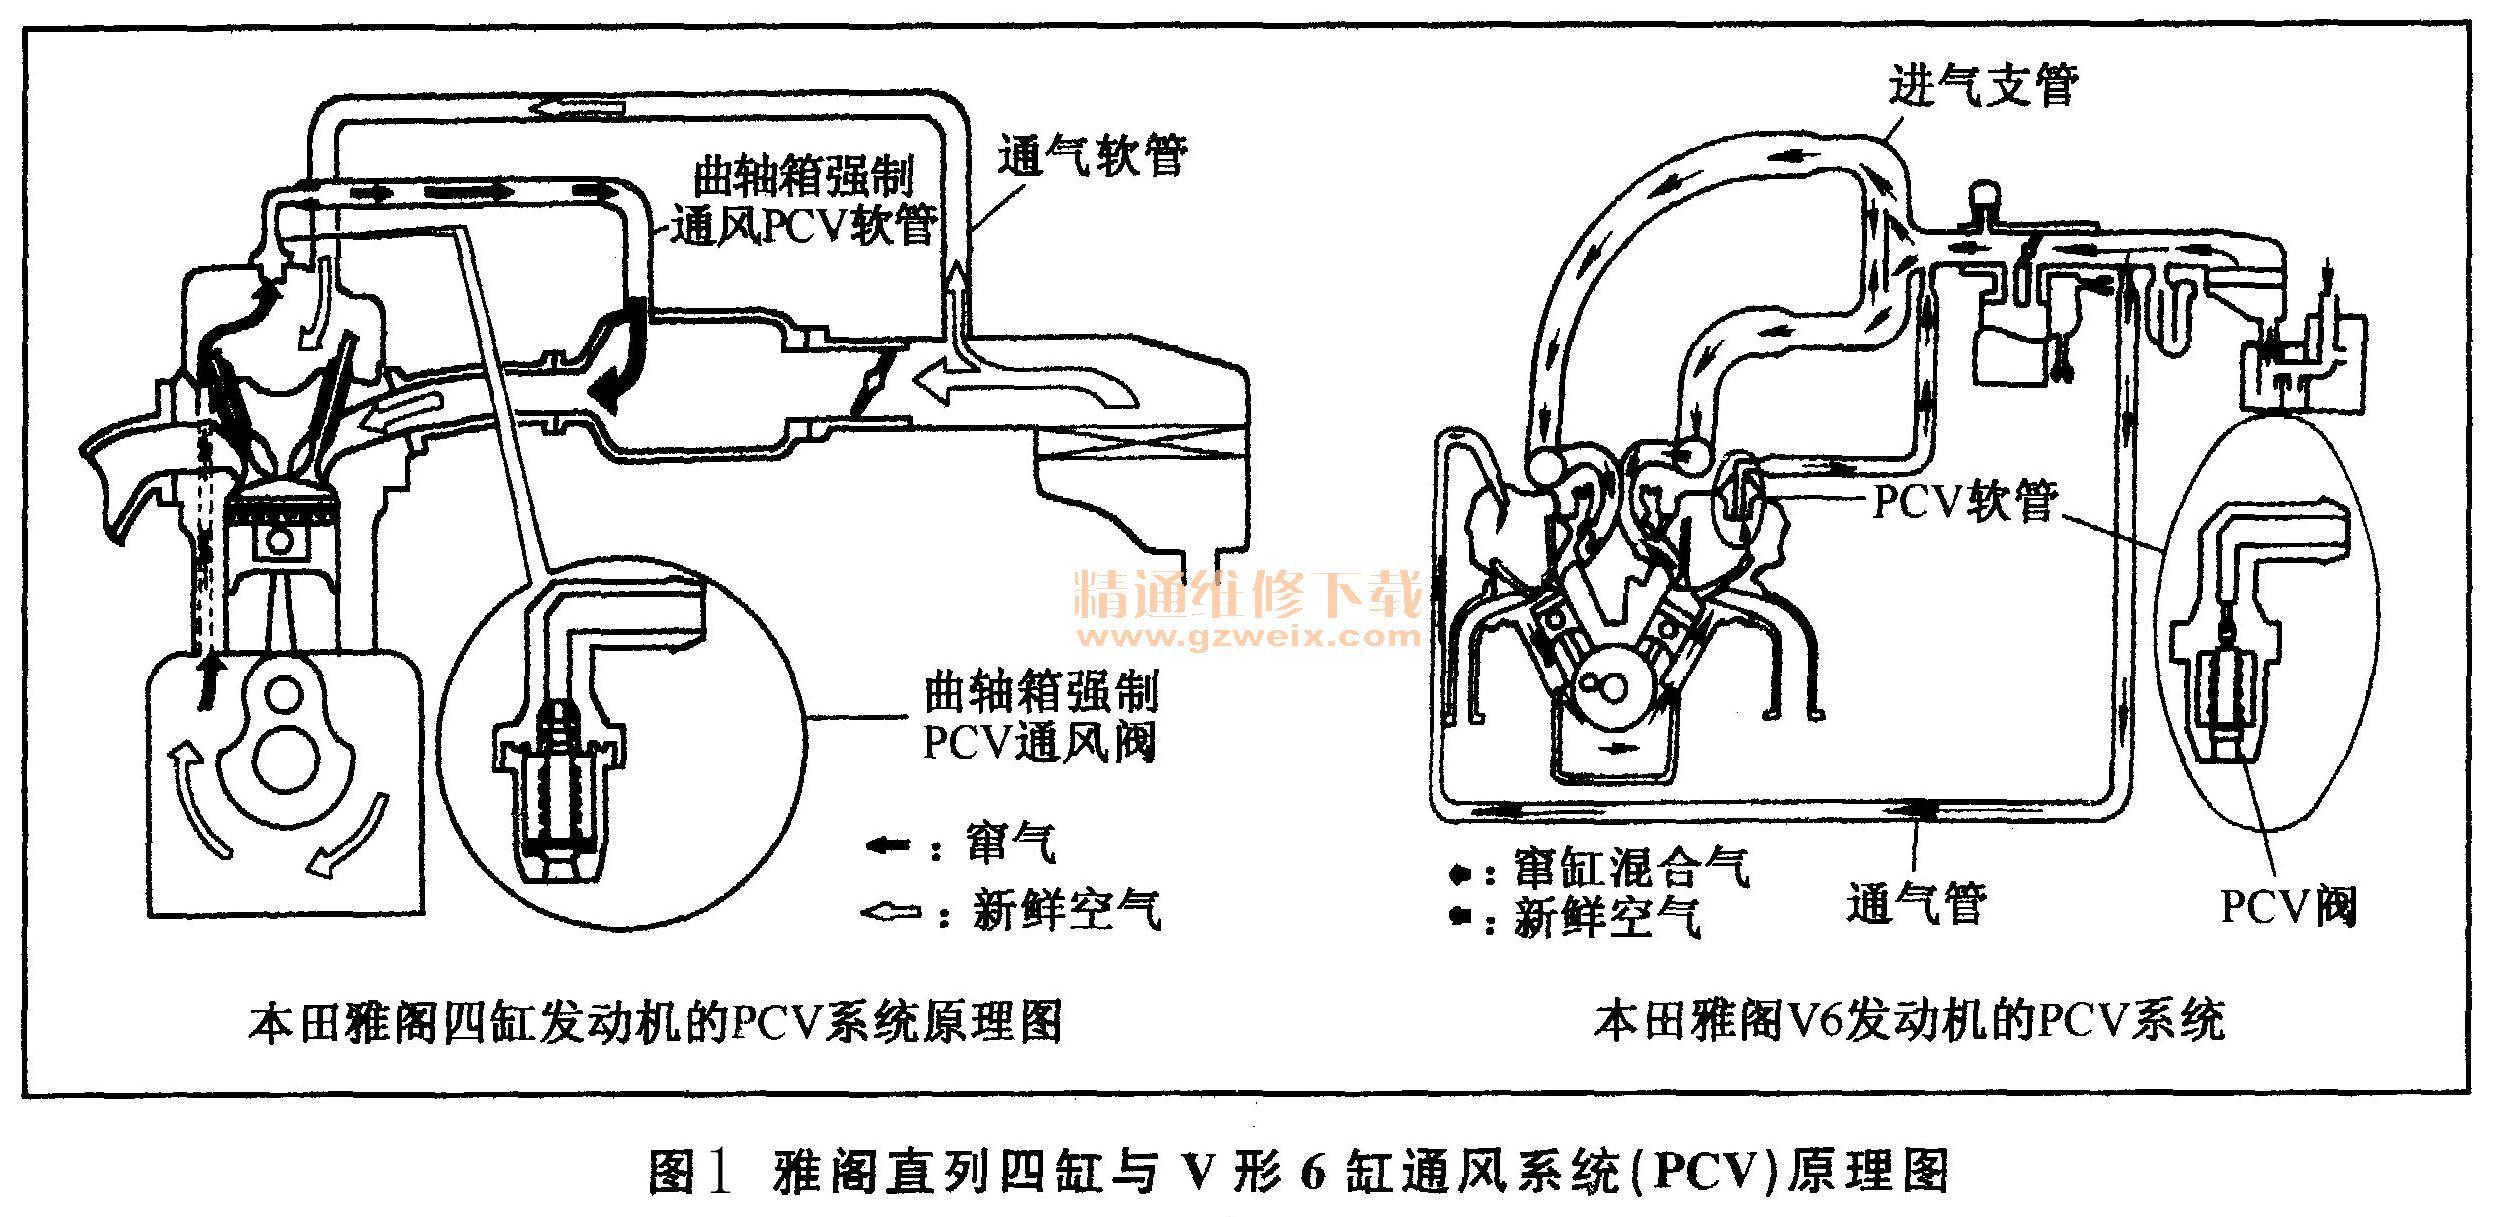 本田雅阁曲轴箱强制通风系统结构与检修